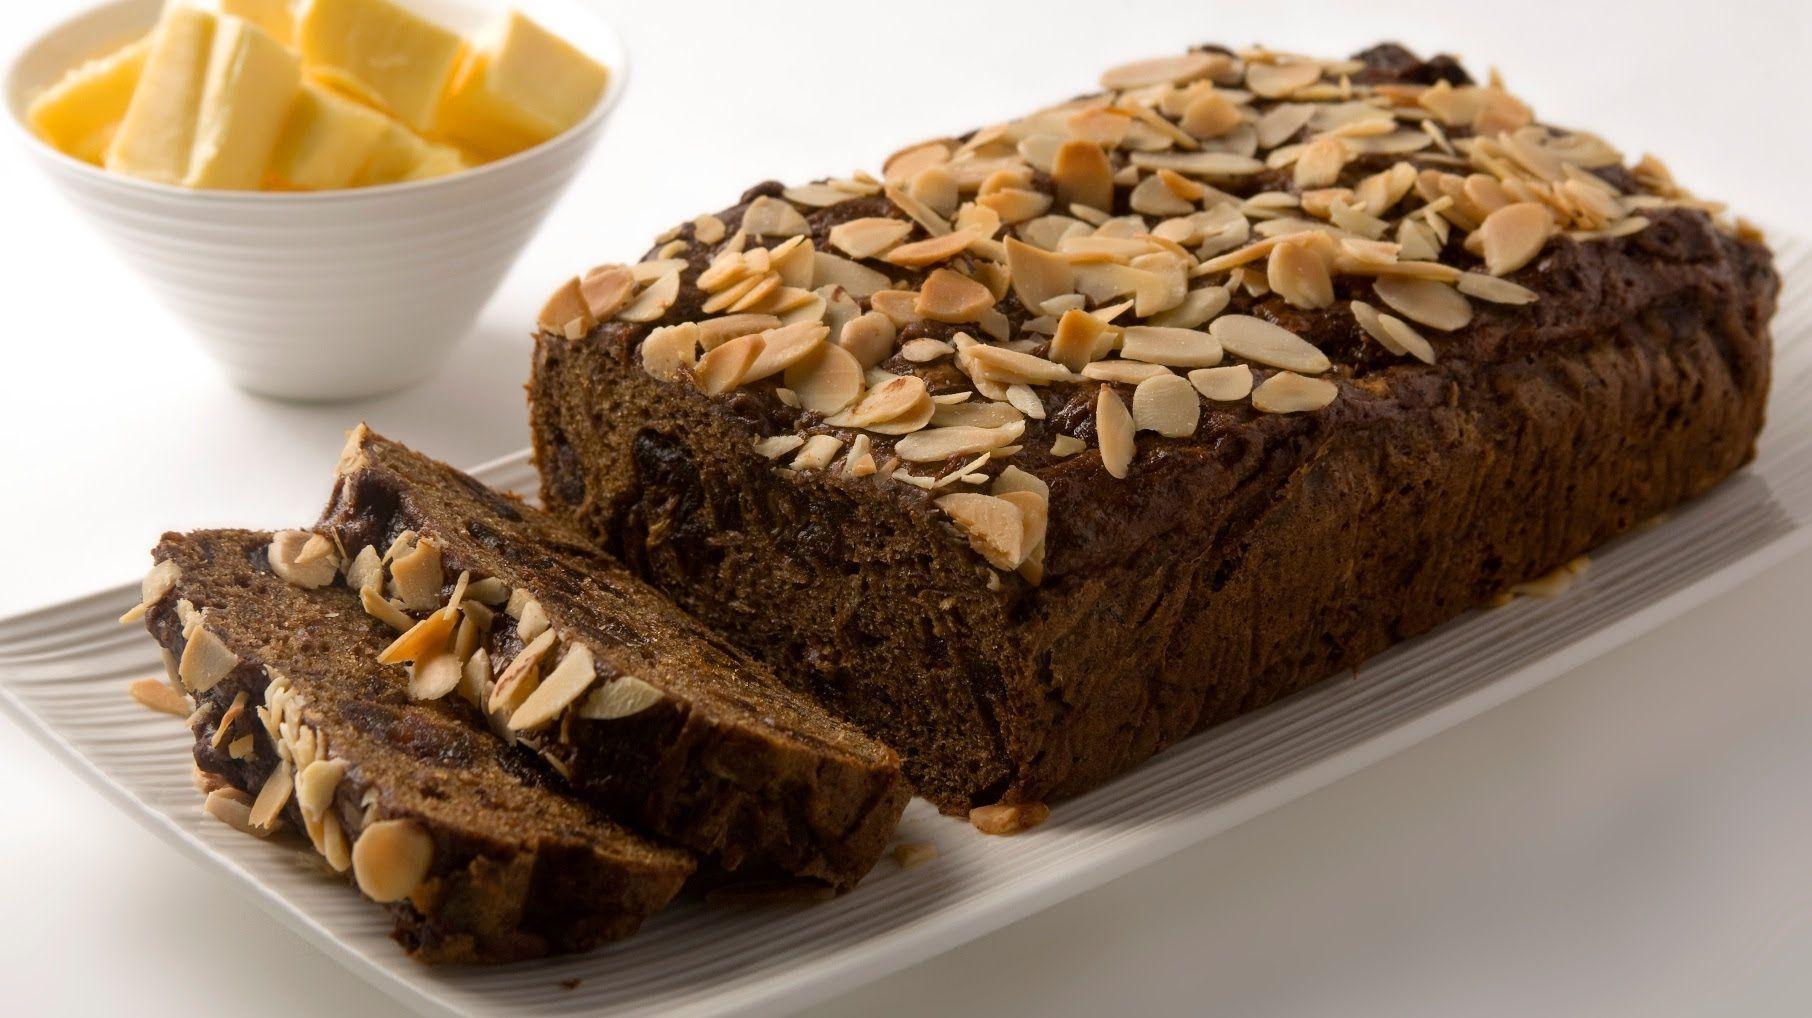 Easy recipes date loaf 4 ingredients kim mccosker all bout food forumfinder Images